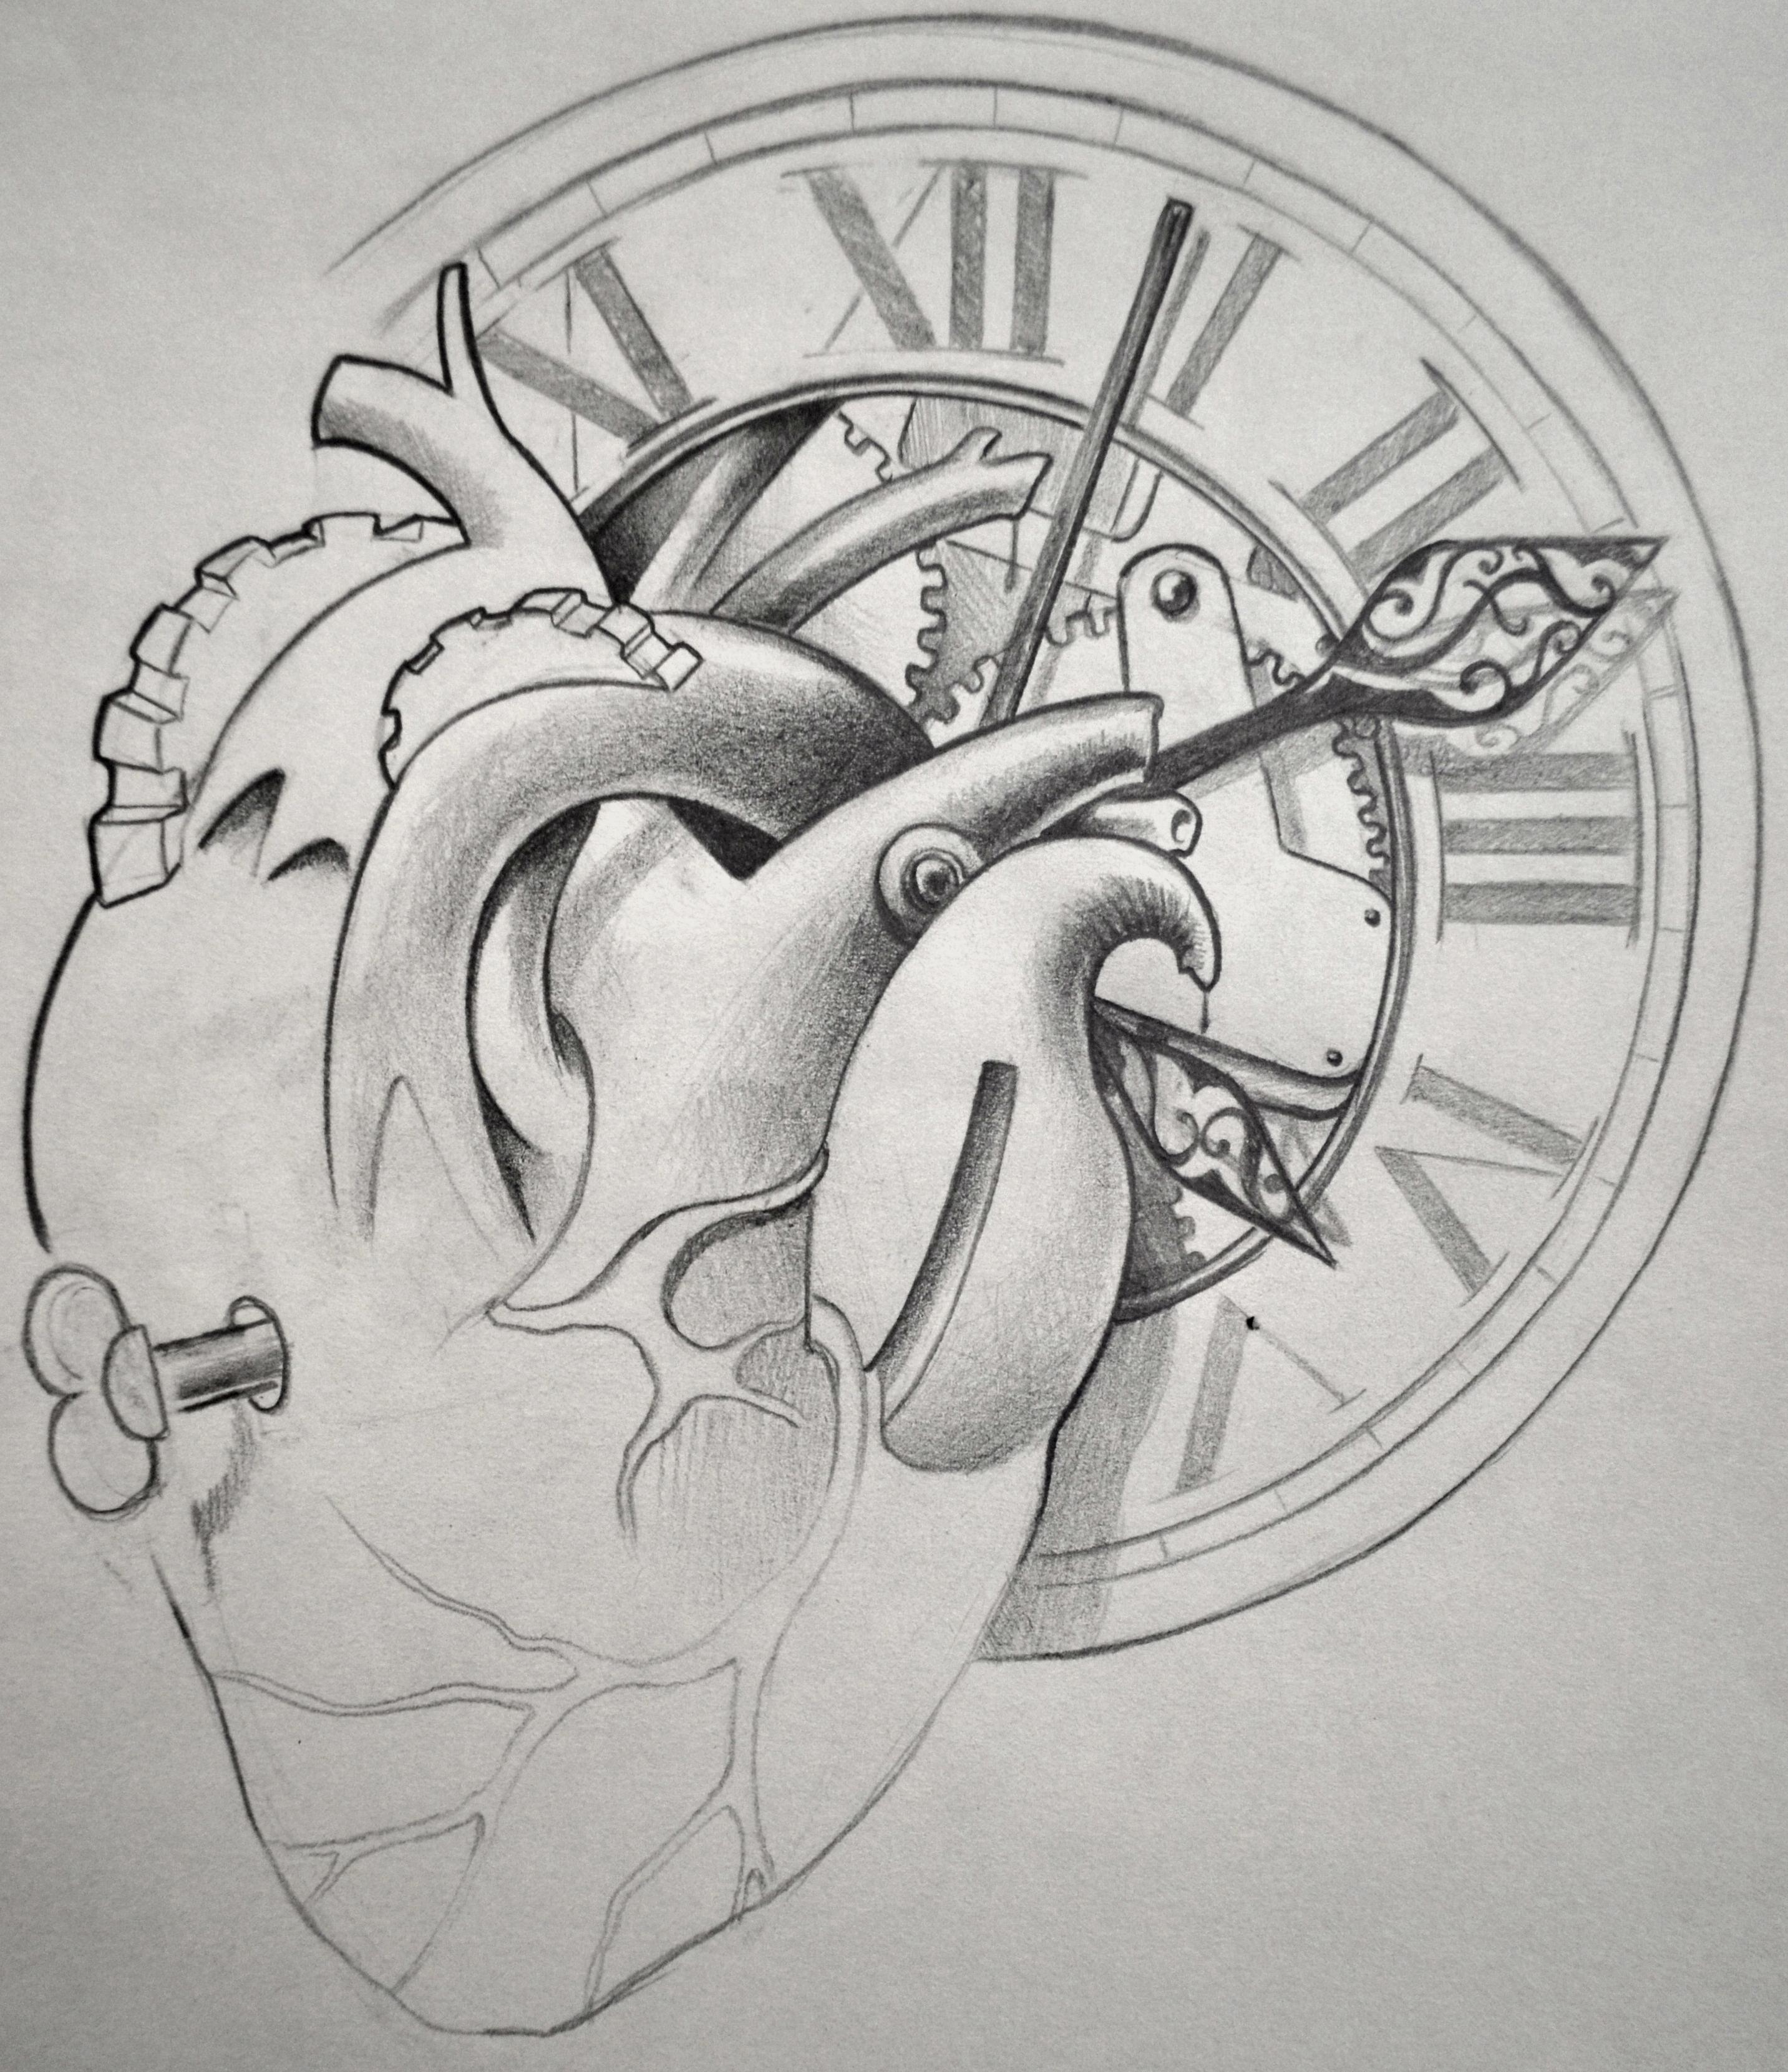 coeur horloge.jpg